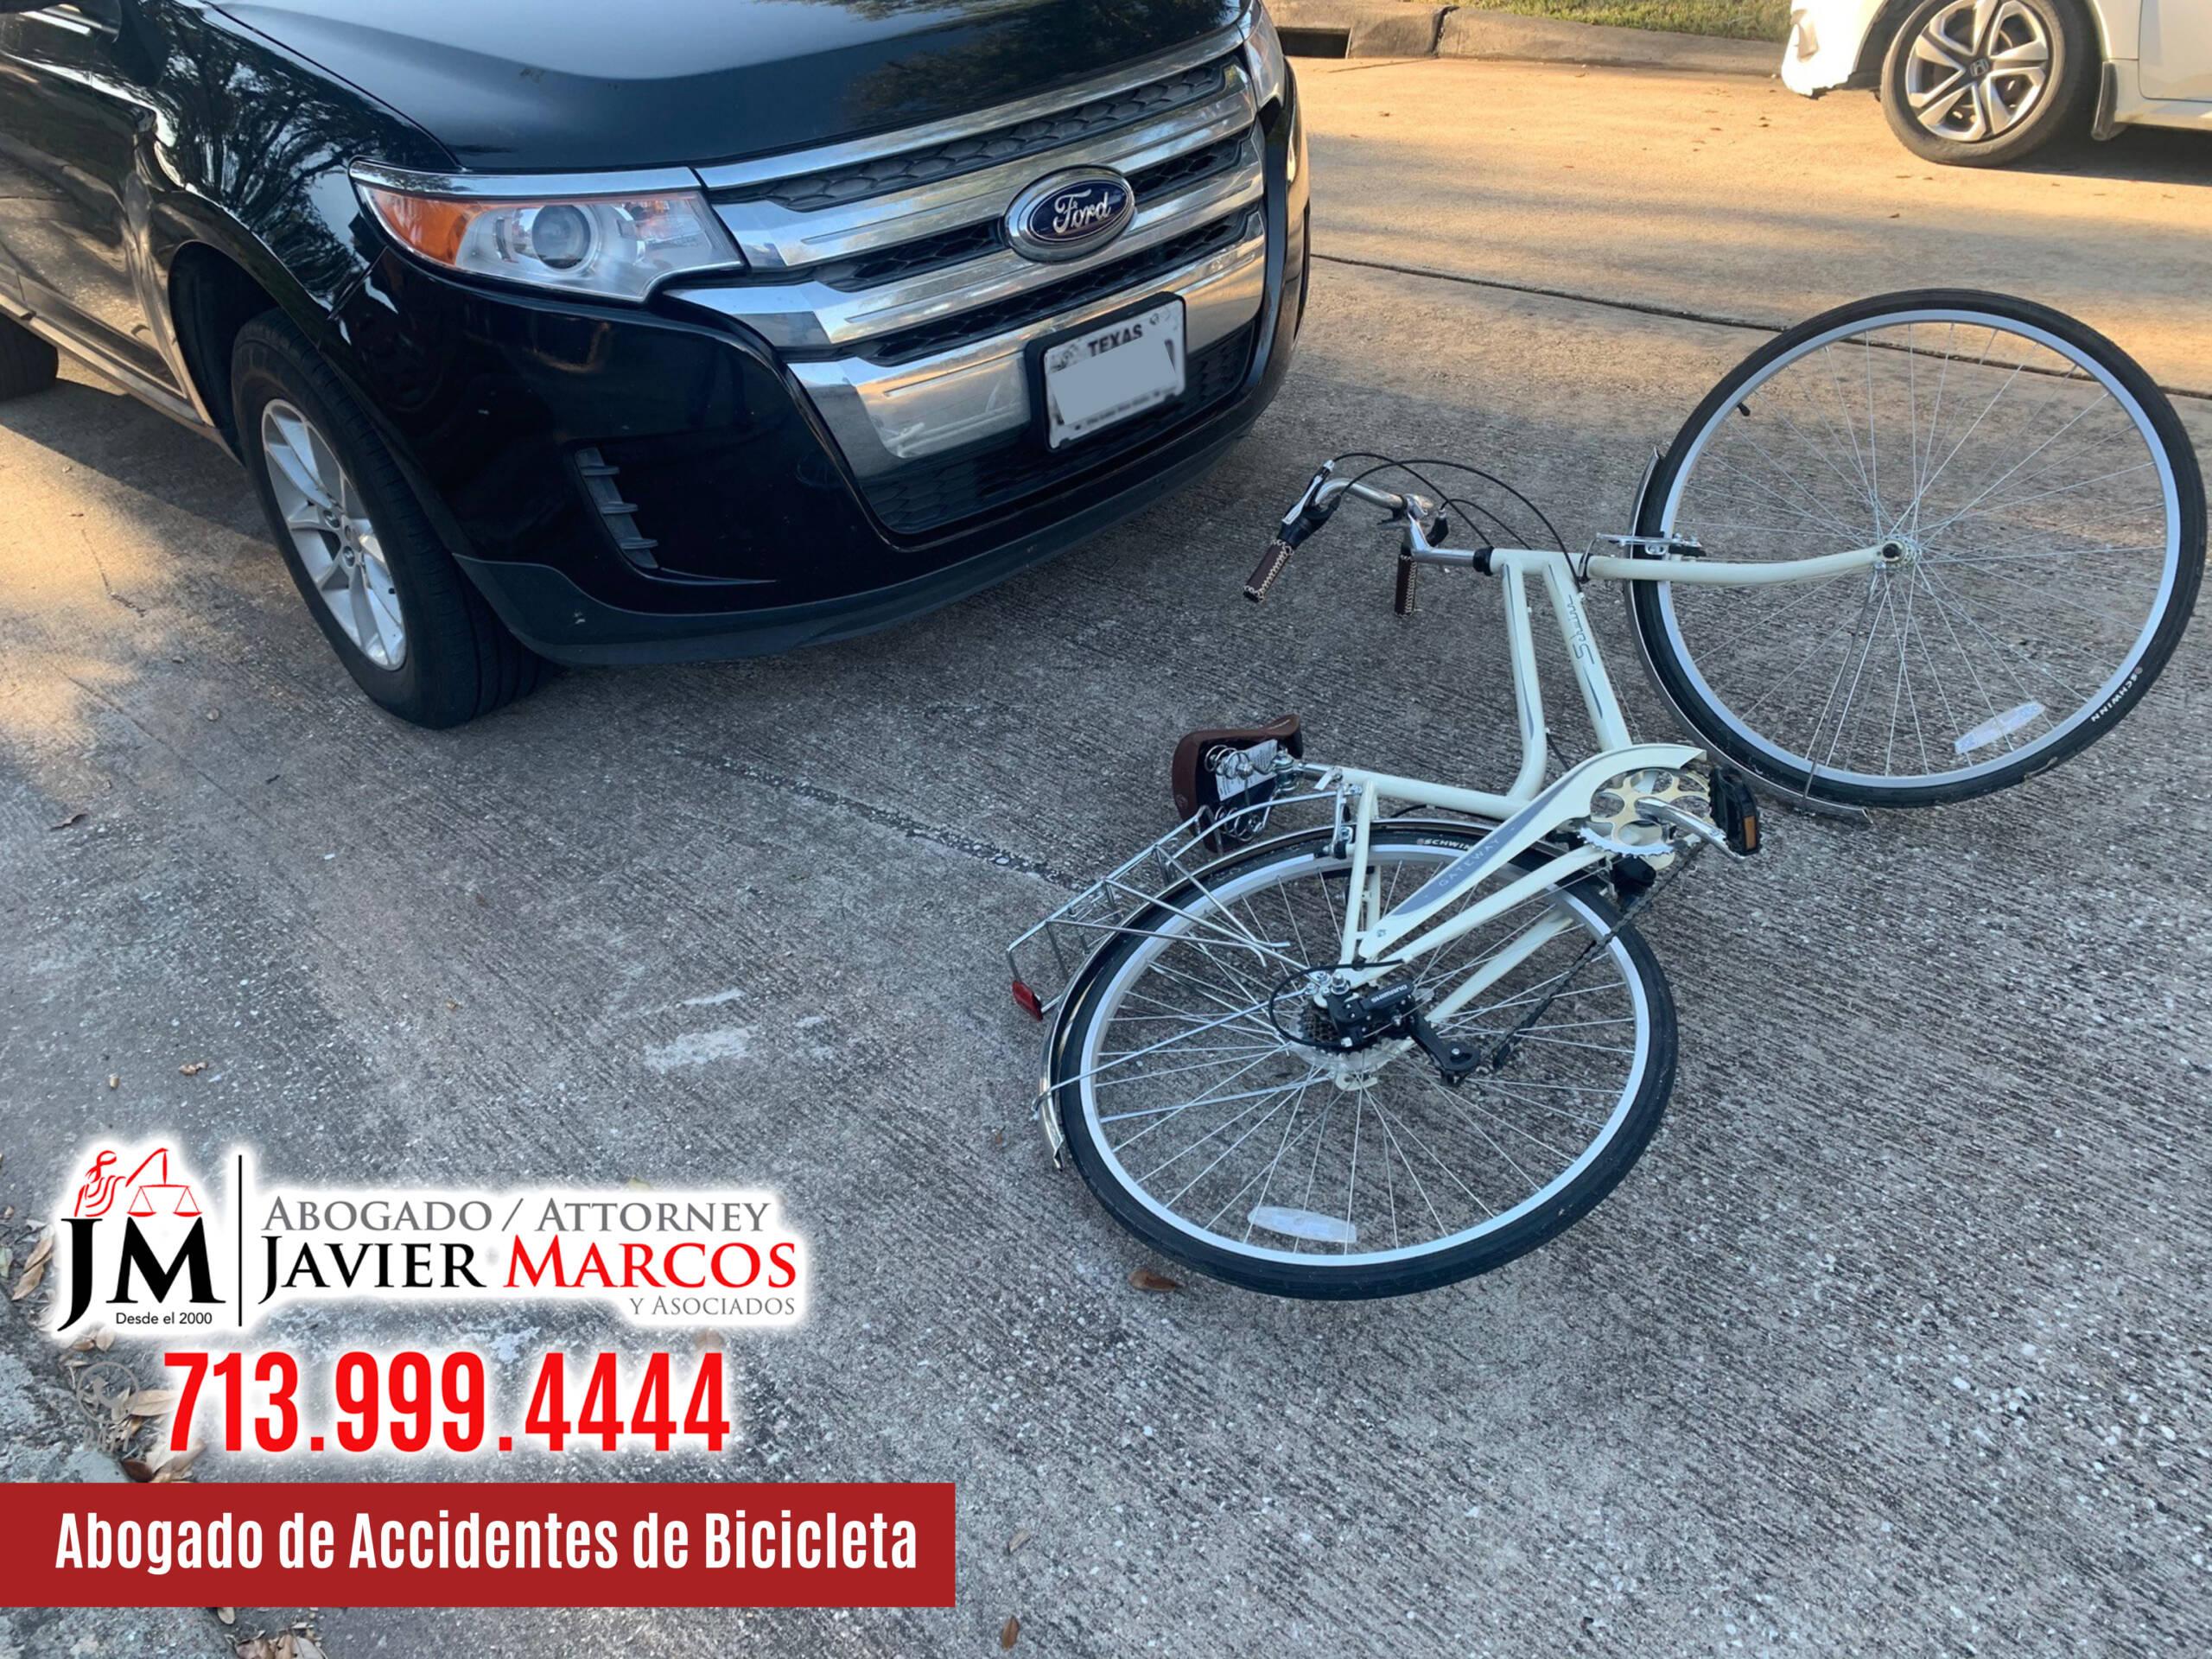 Abogado de Accidentes de Bicicleta | Abogado Javier Marcos | 713.999.4444